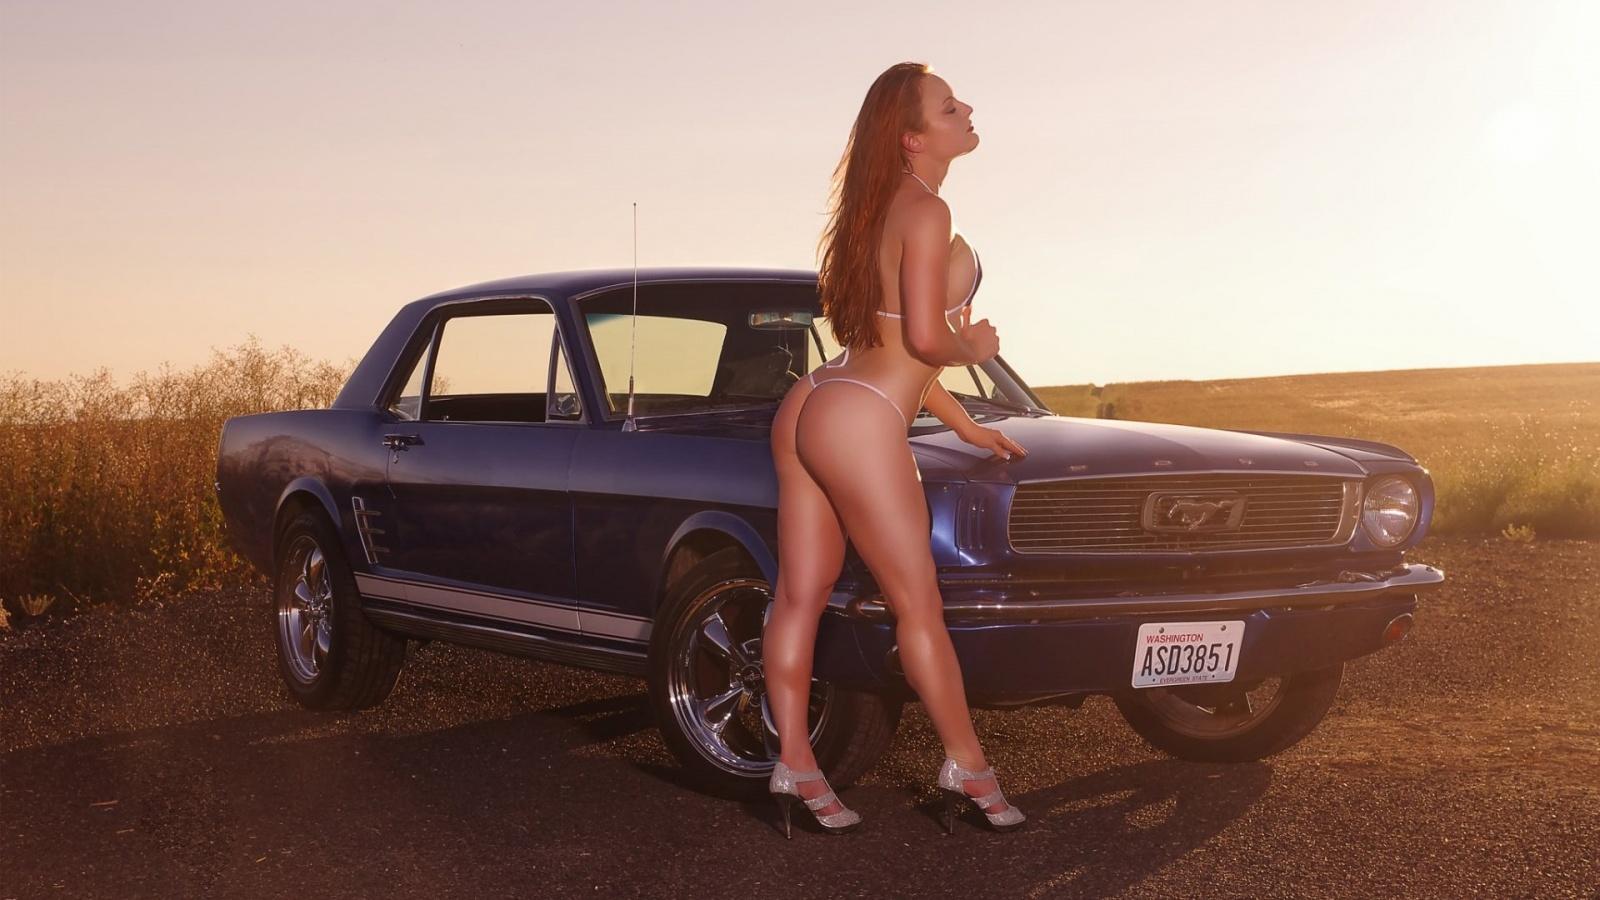 Sexy nude bikini girls